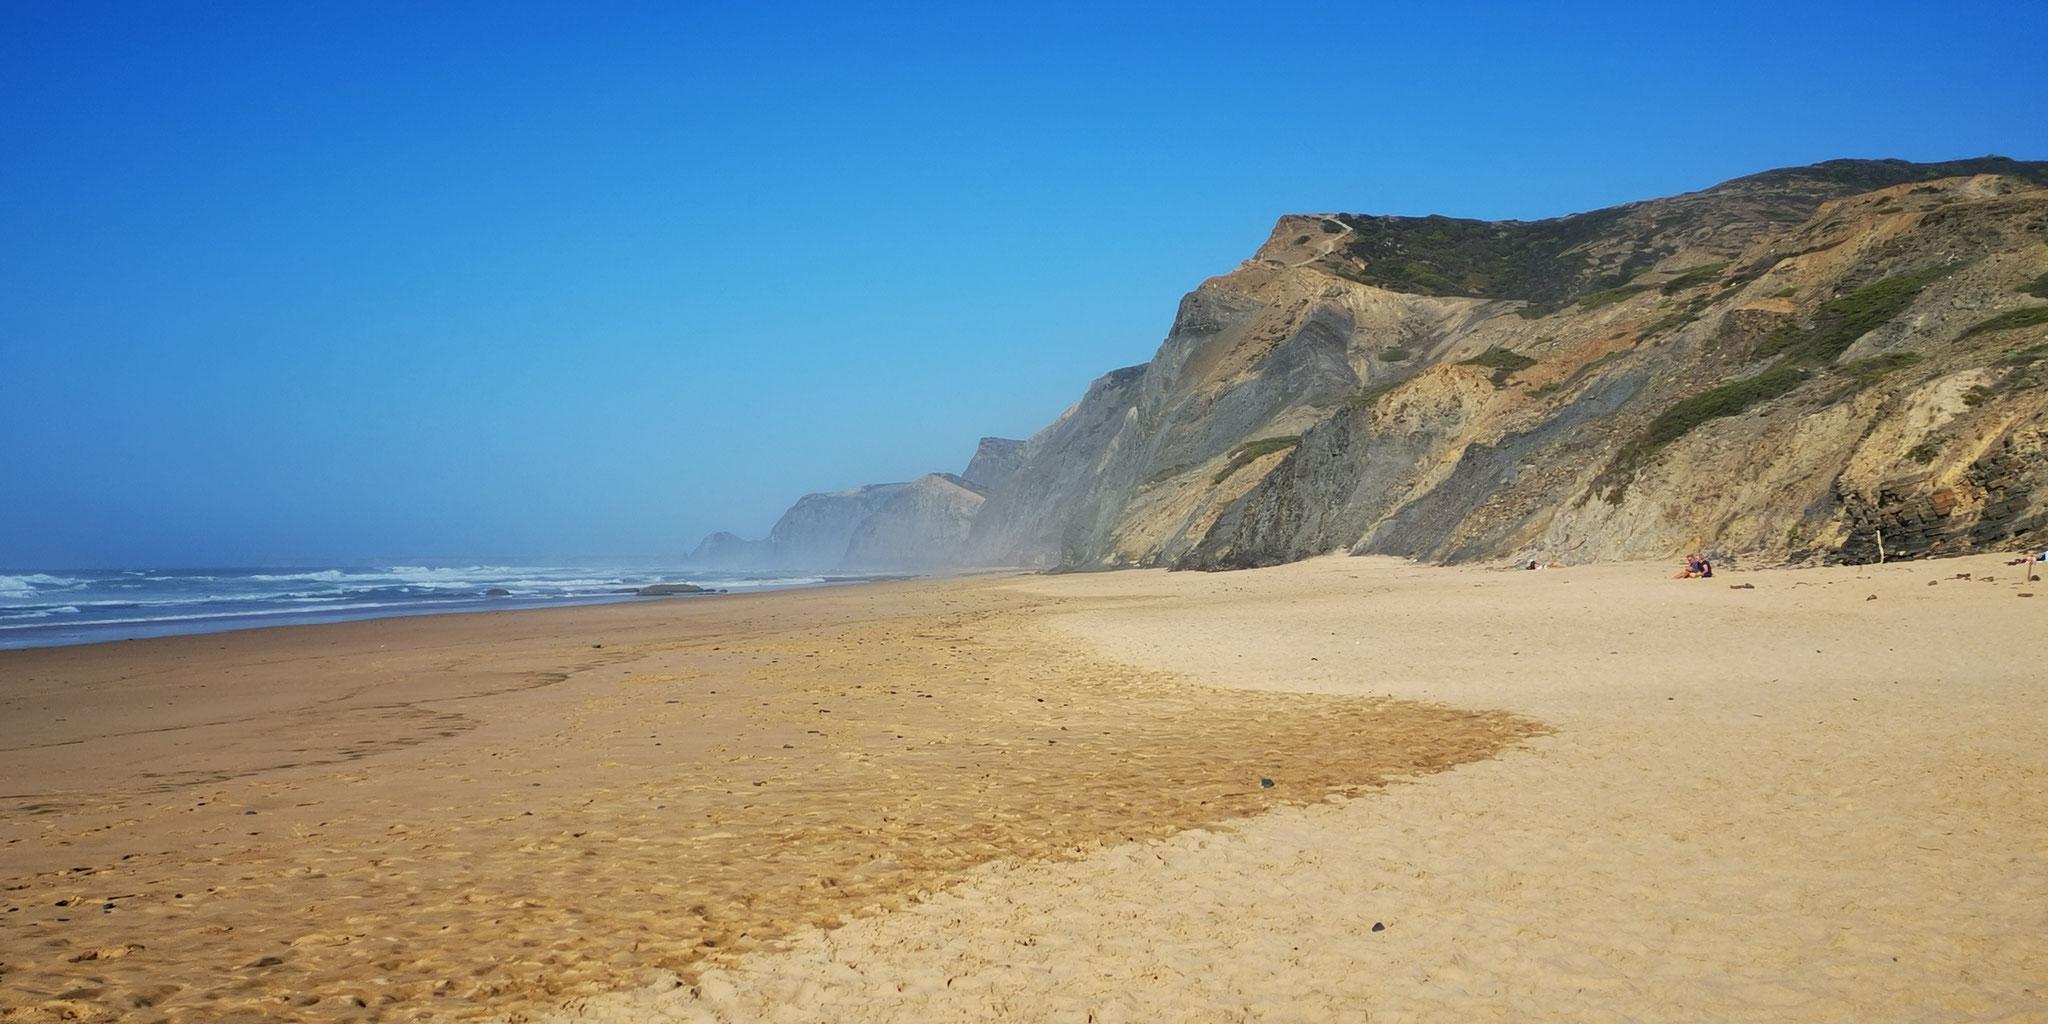 Portugal - Praia da Cordoama